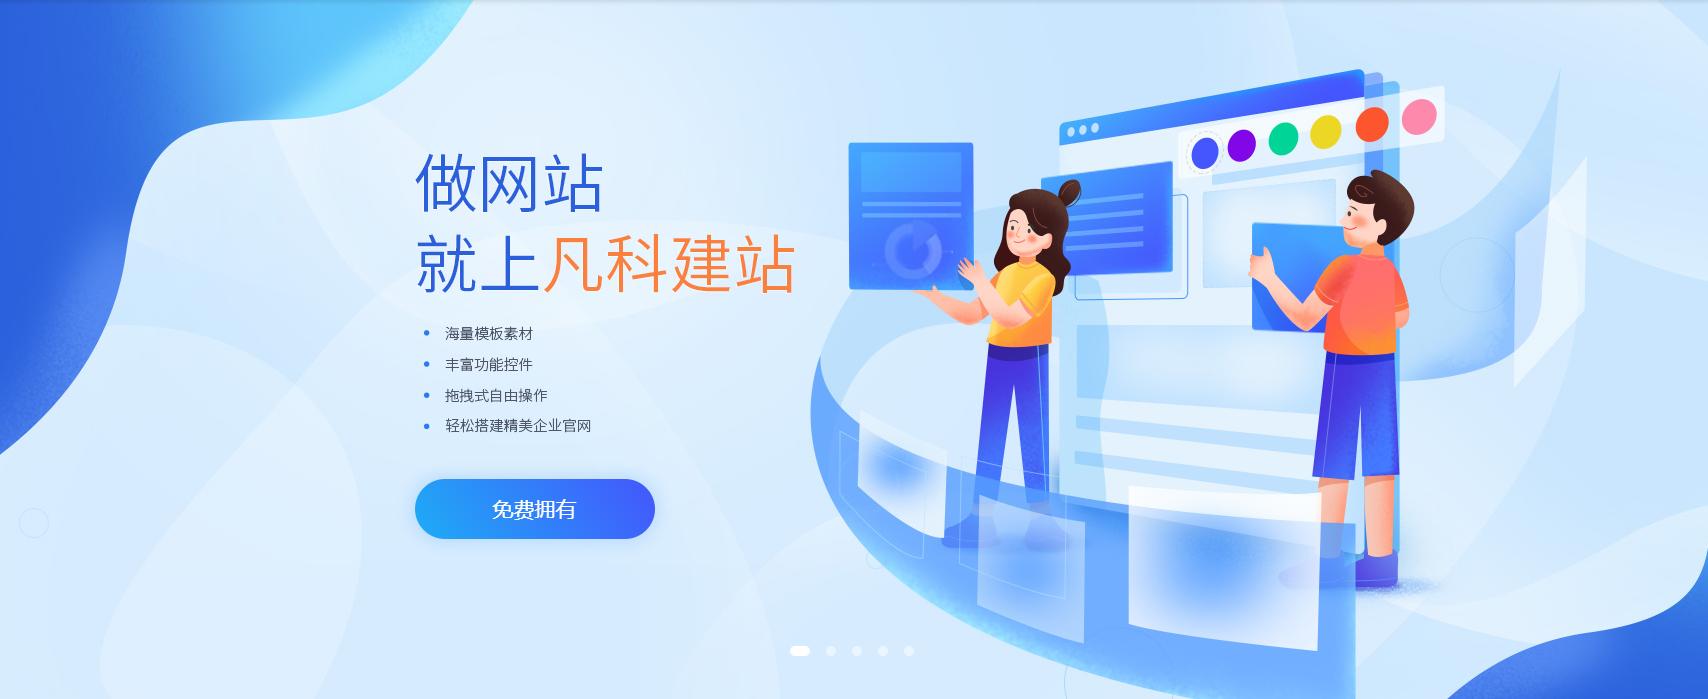 网站设计色彩